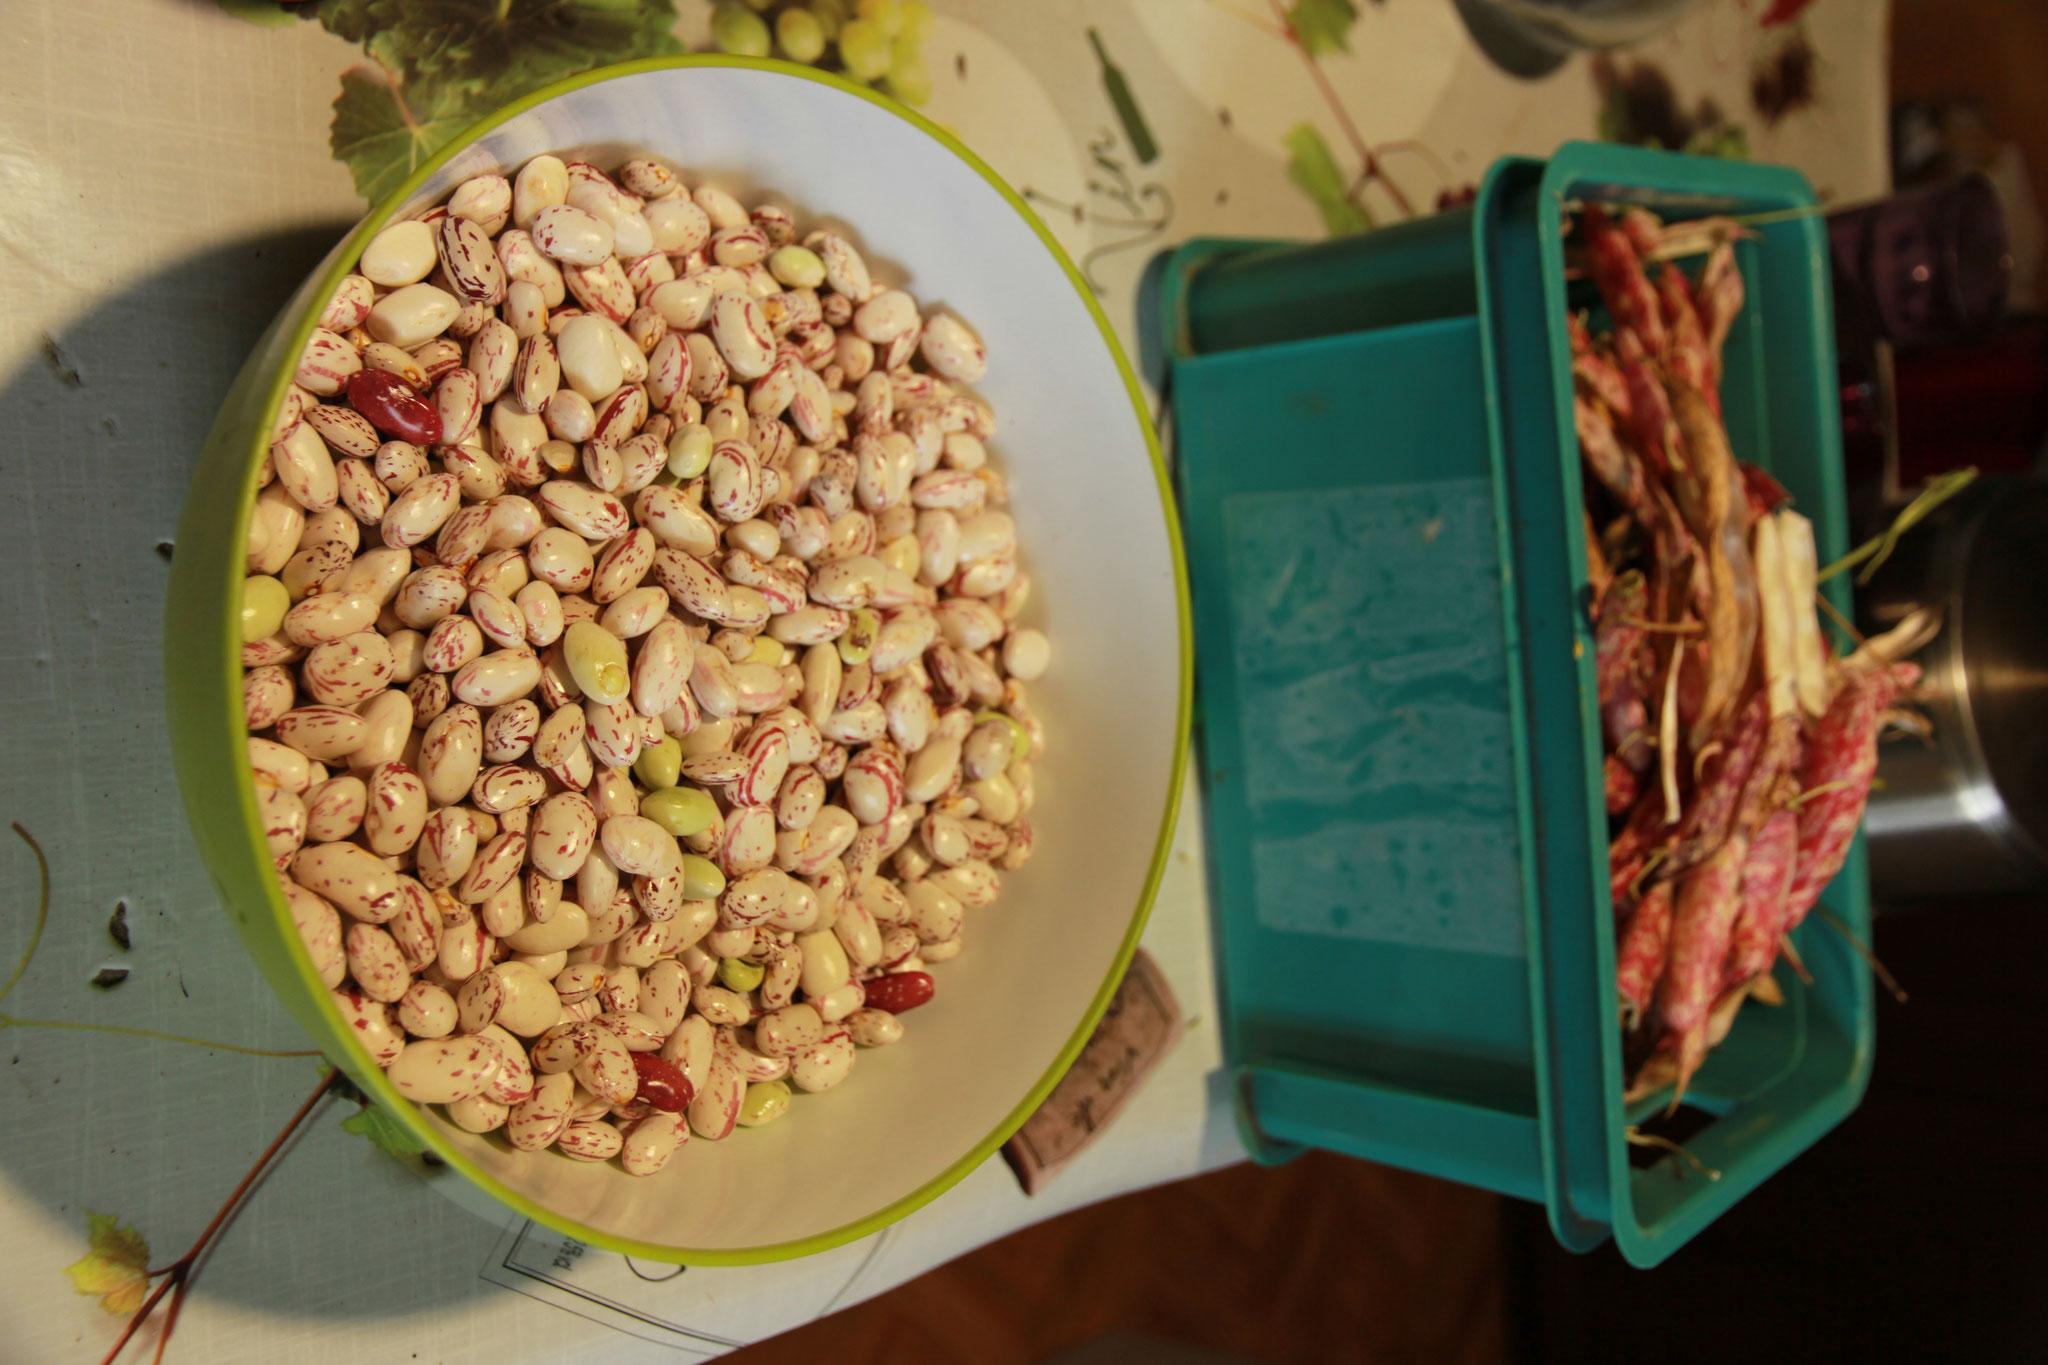 récolte haricots en grain 2019 2kg écossés